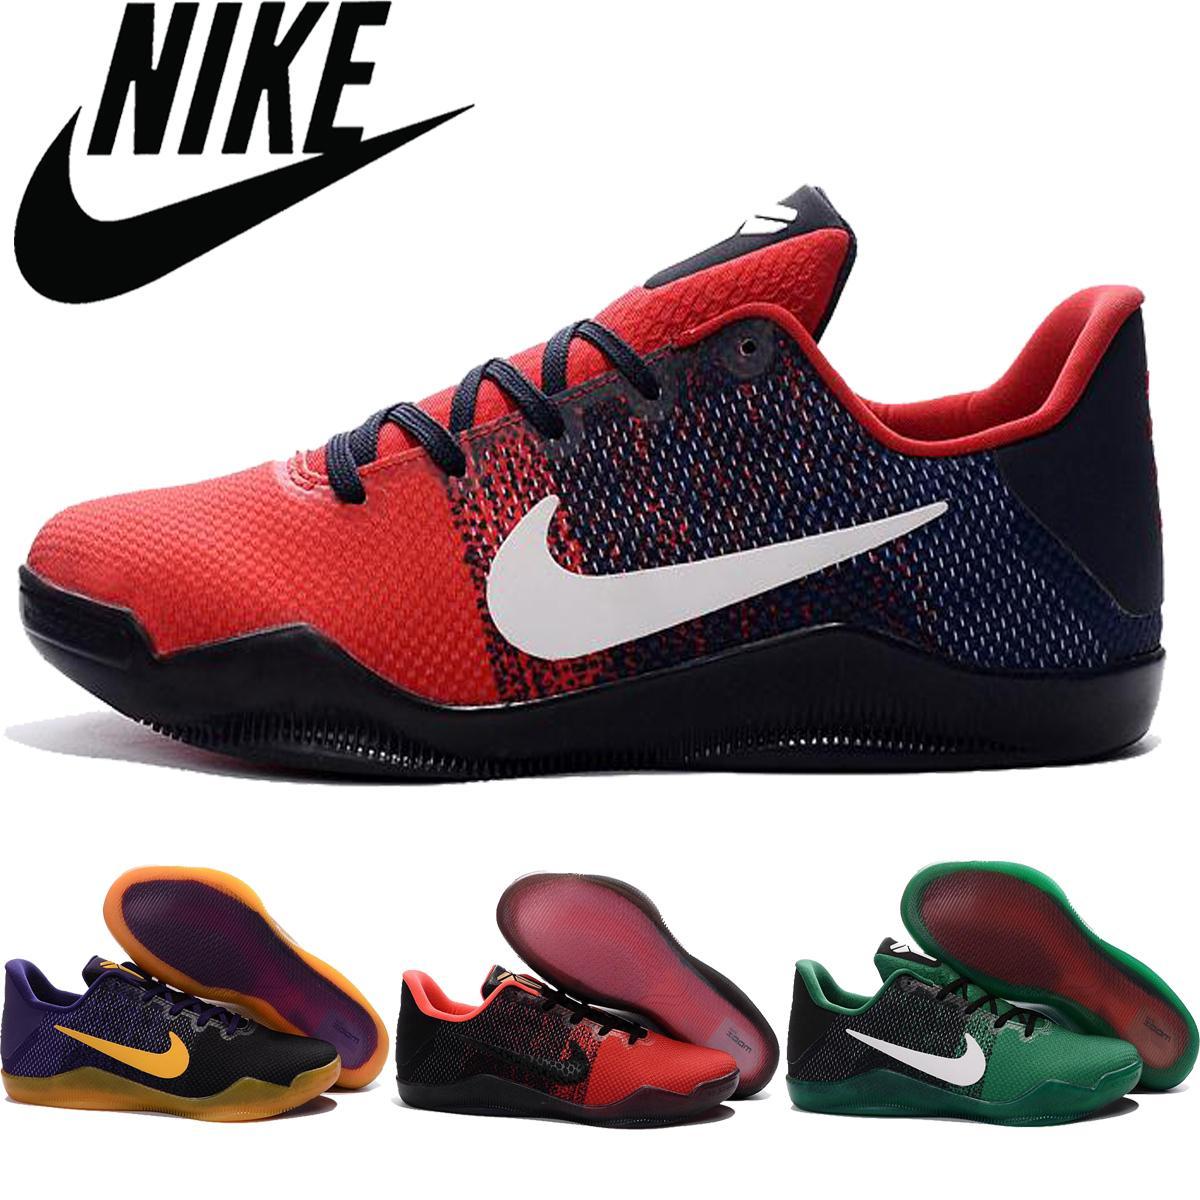 Nike Kobe 11 KOBE XI Low Men Basketball